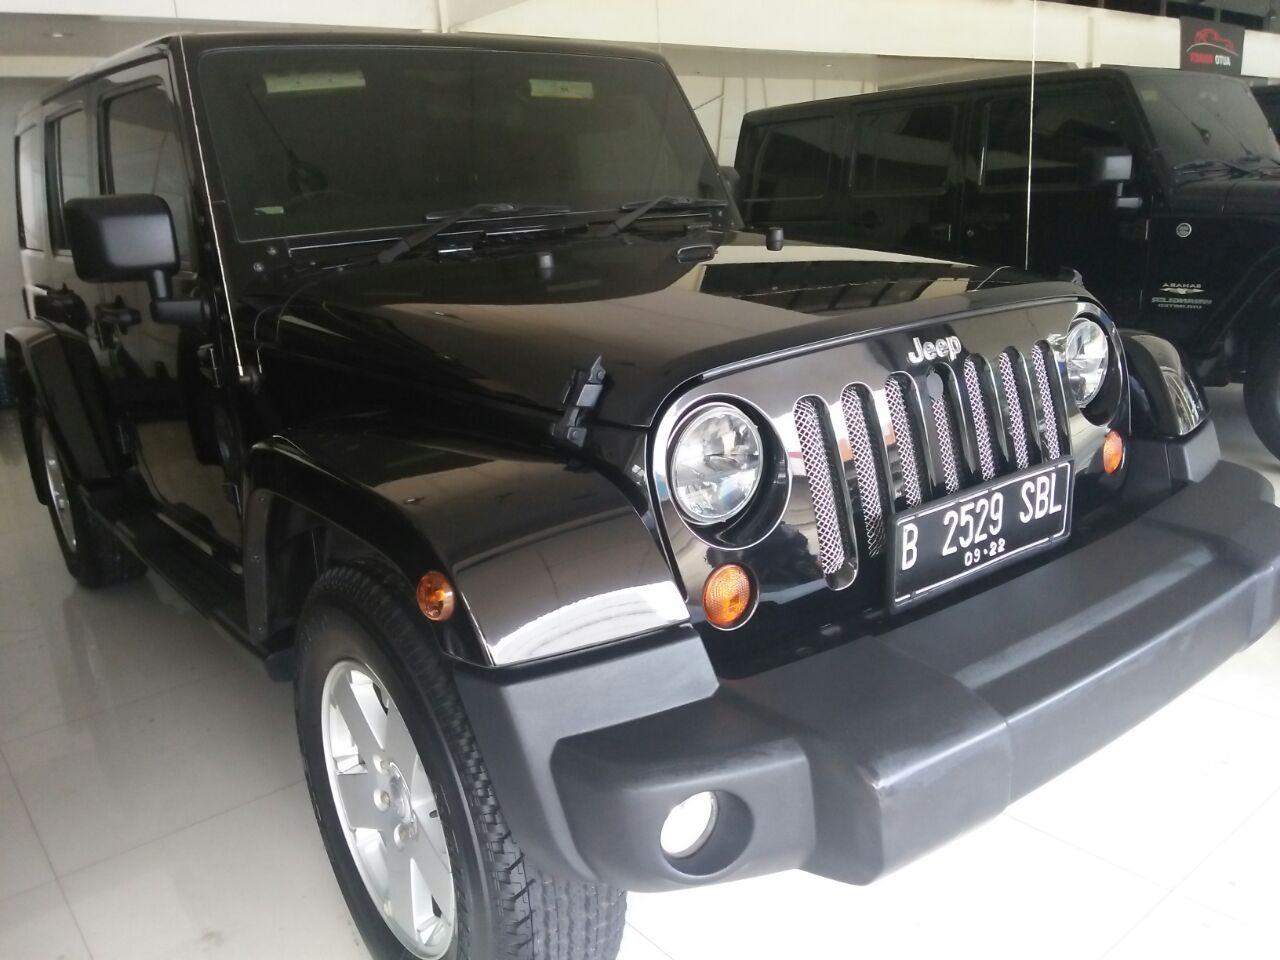 Rental Mobil 24 Jam Di Jakarta Selatan 081285092594